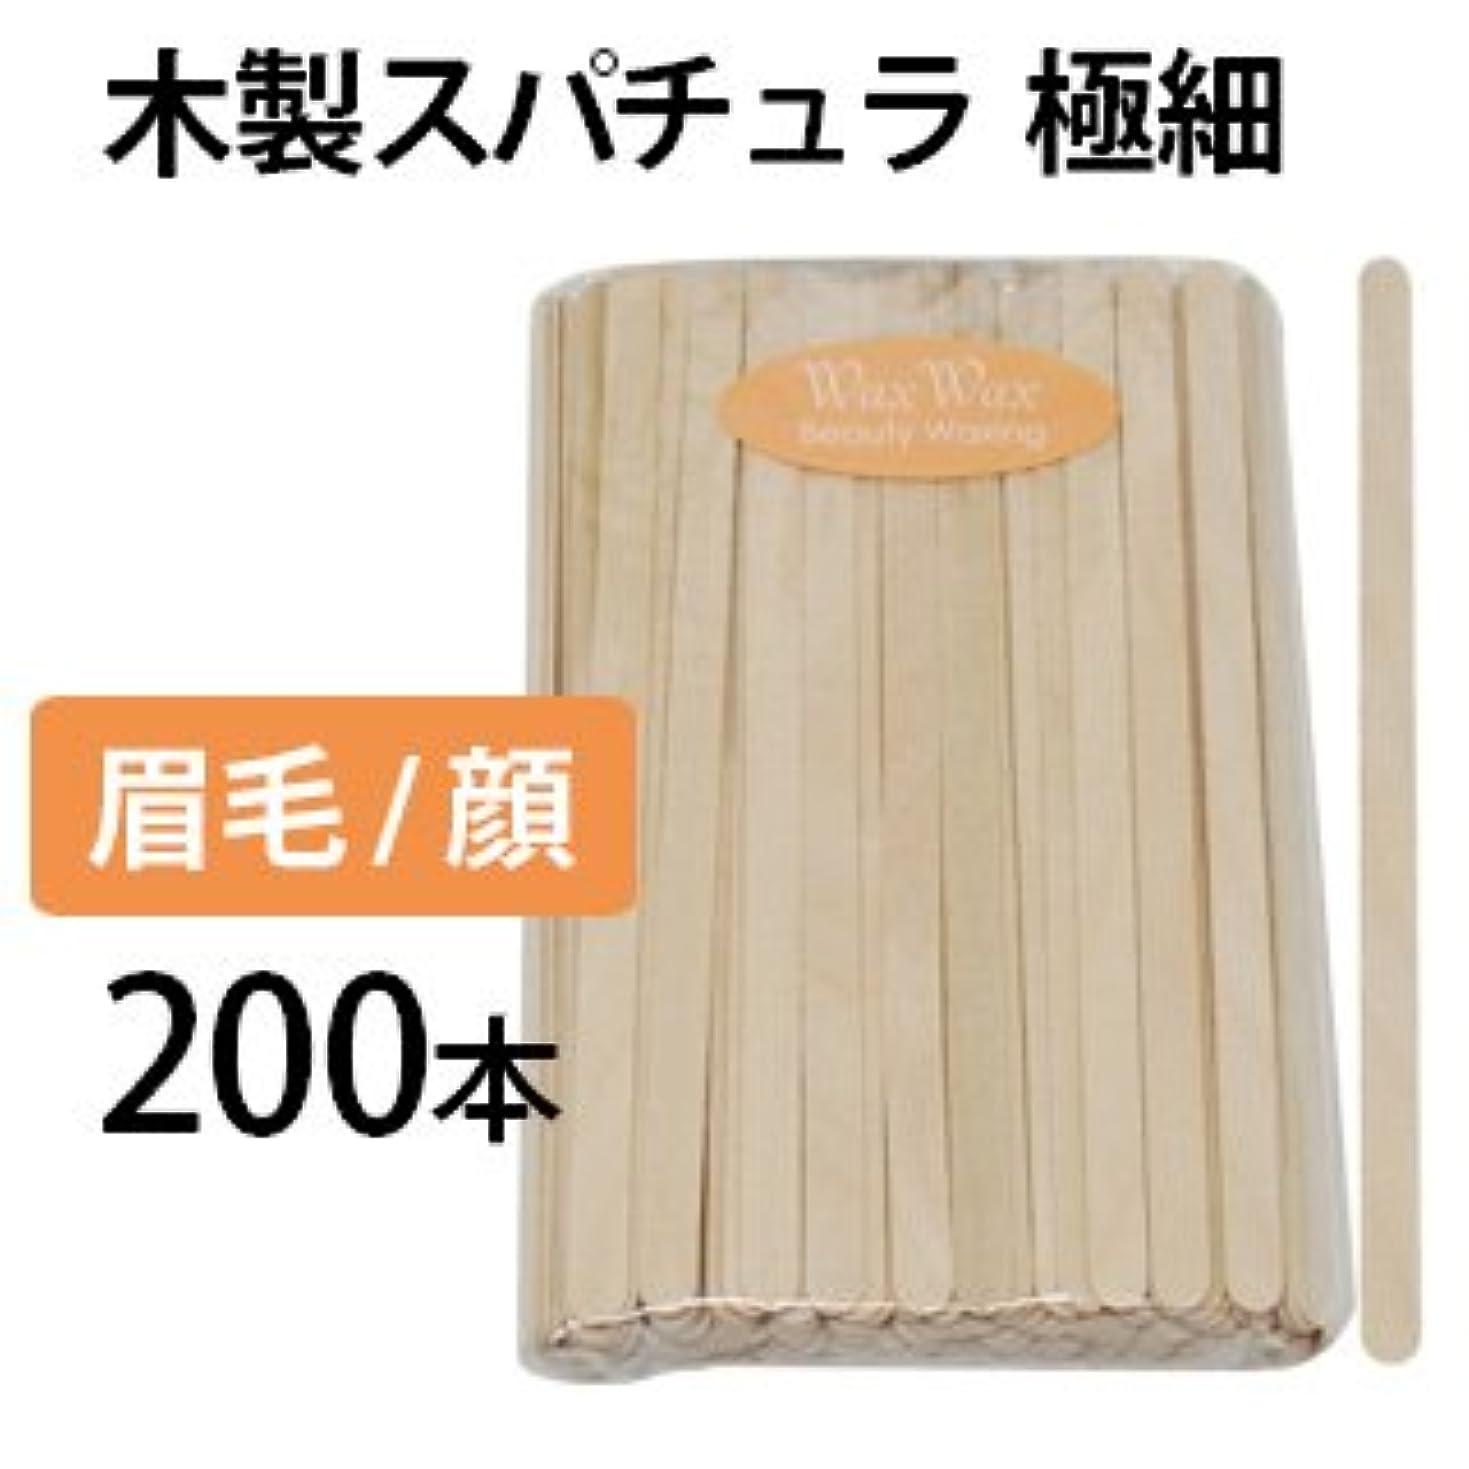 入り口共同選択清める眉毛 アイブロウ用スパチュラ 200本セット 極細 木製スパチュラ 使い捨て